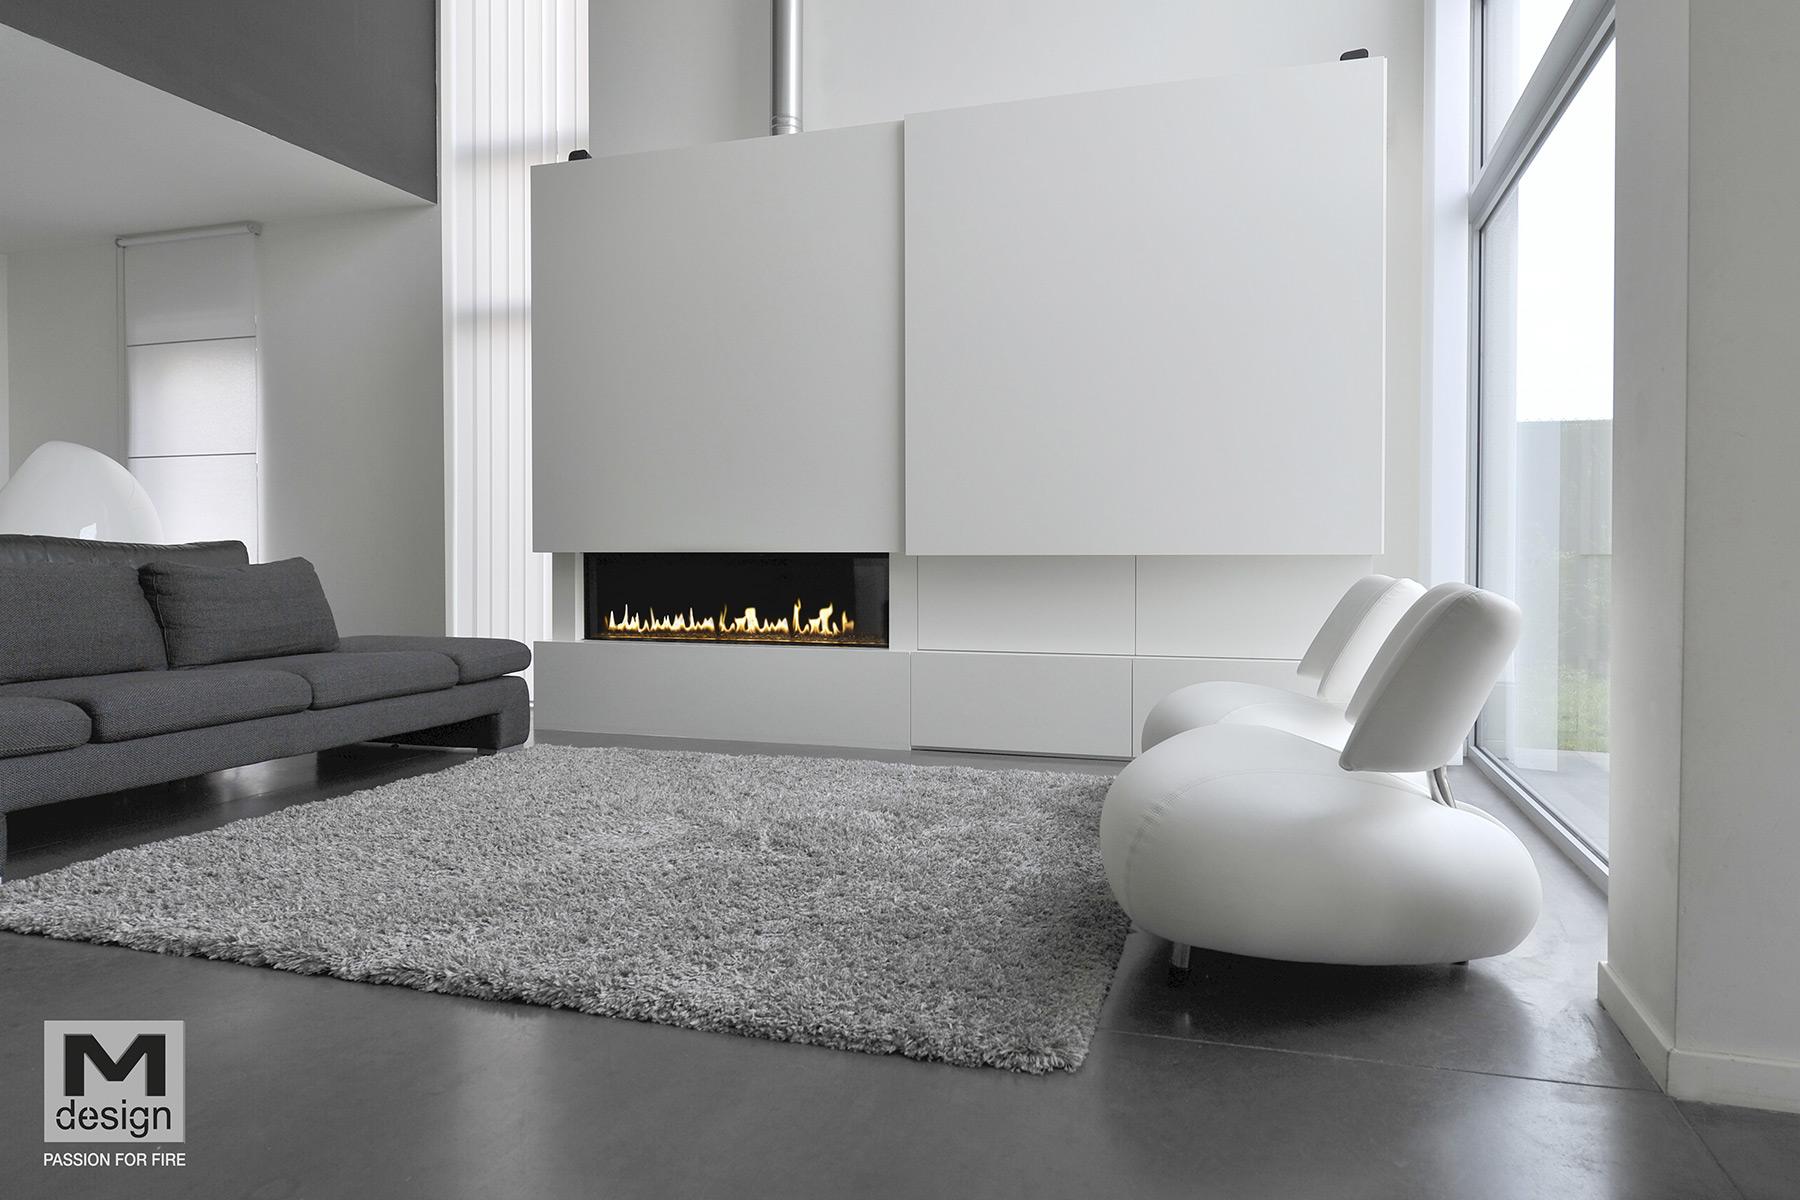 Agenzia De Luca - M-Design